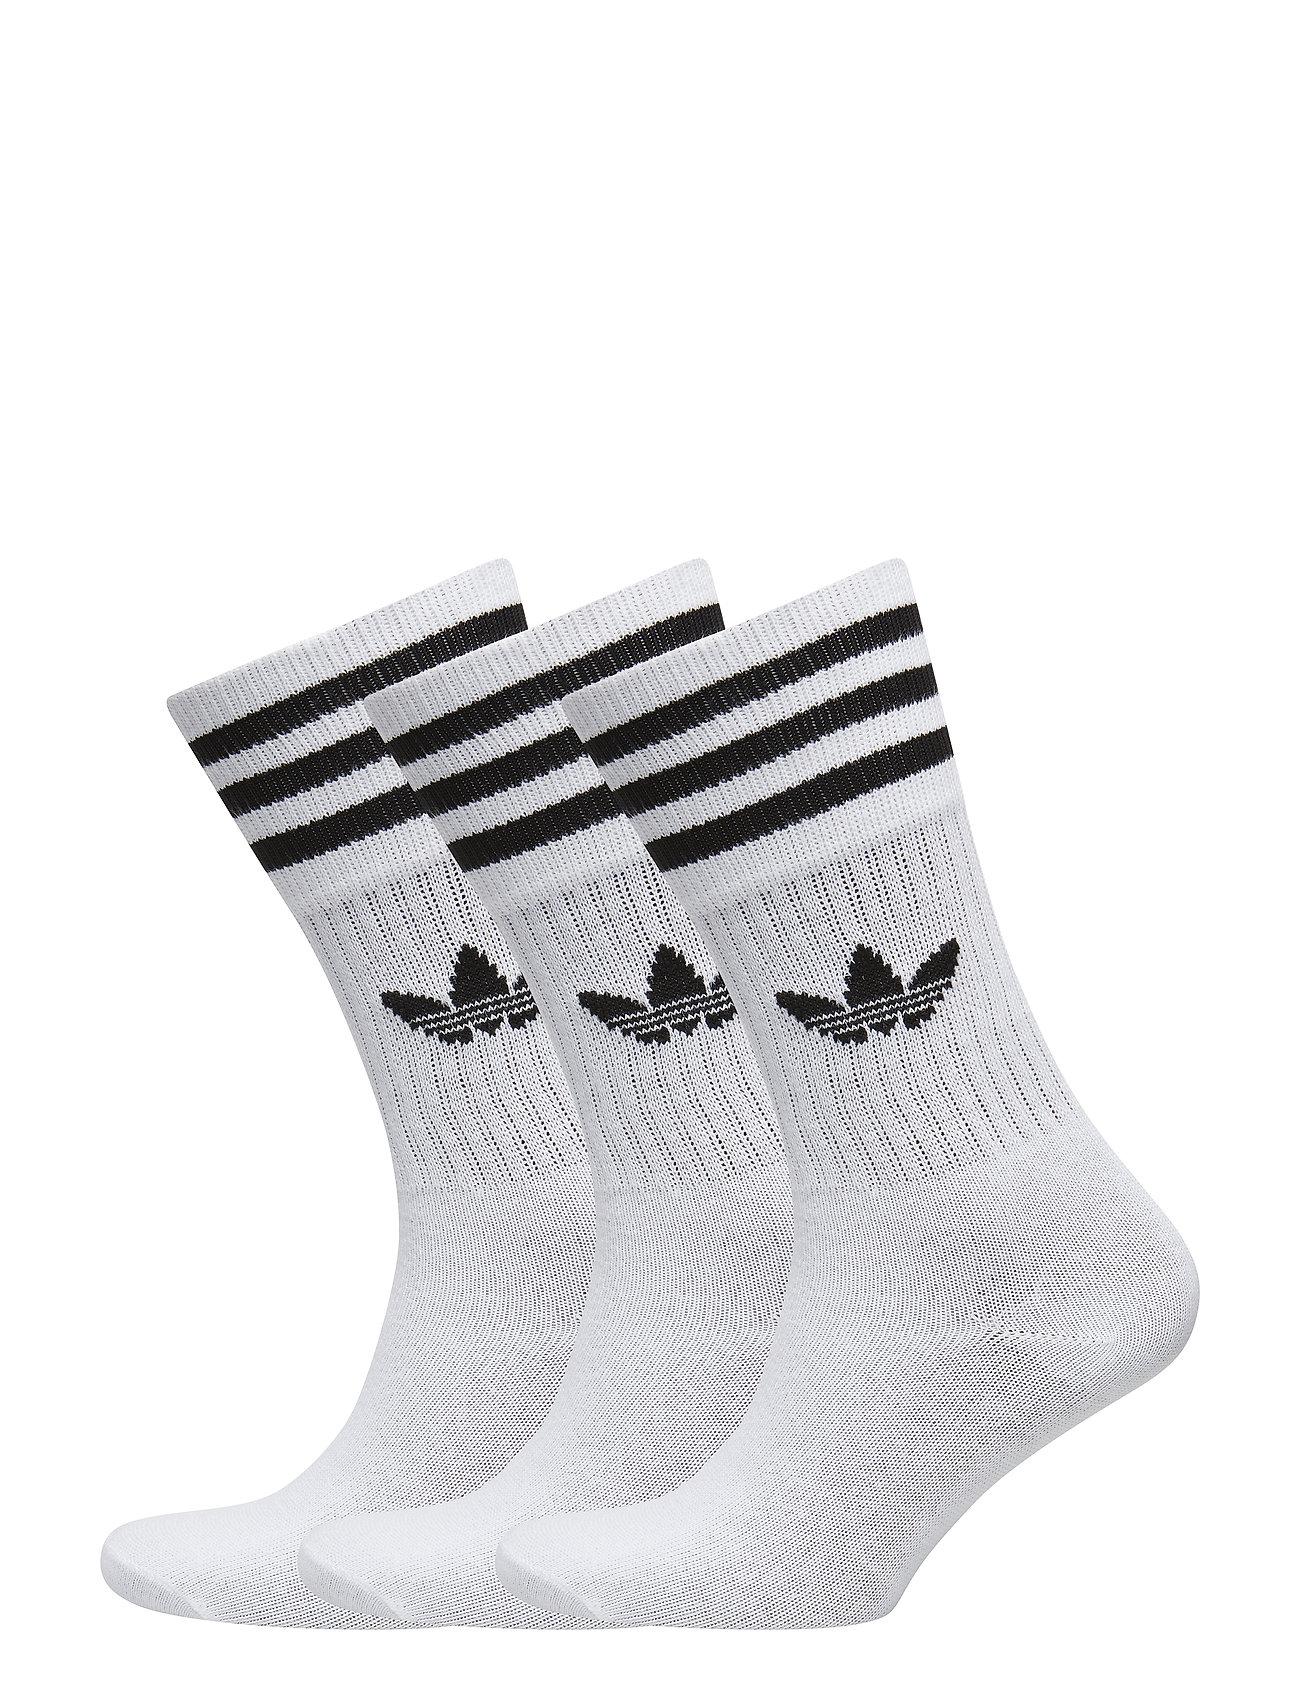 adidas Originals SOLID CREW SOCK - WHITE/BLACK